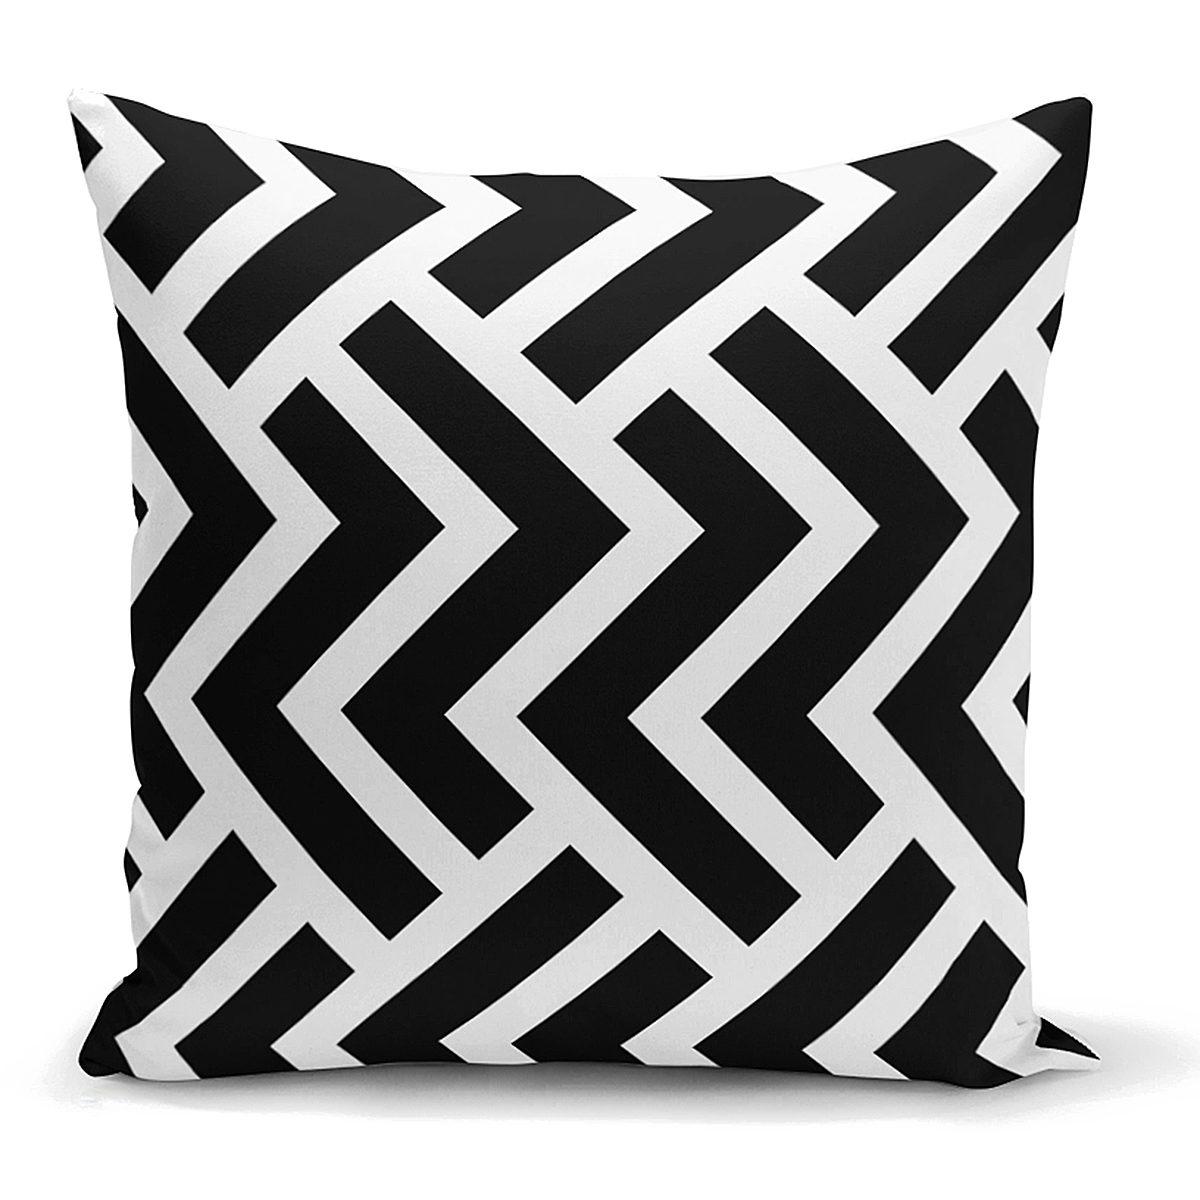 Siyah Beyaz Geometrik Desenli Dijital Yastık Kırlent Kılıfı Realhomes